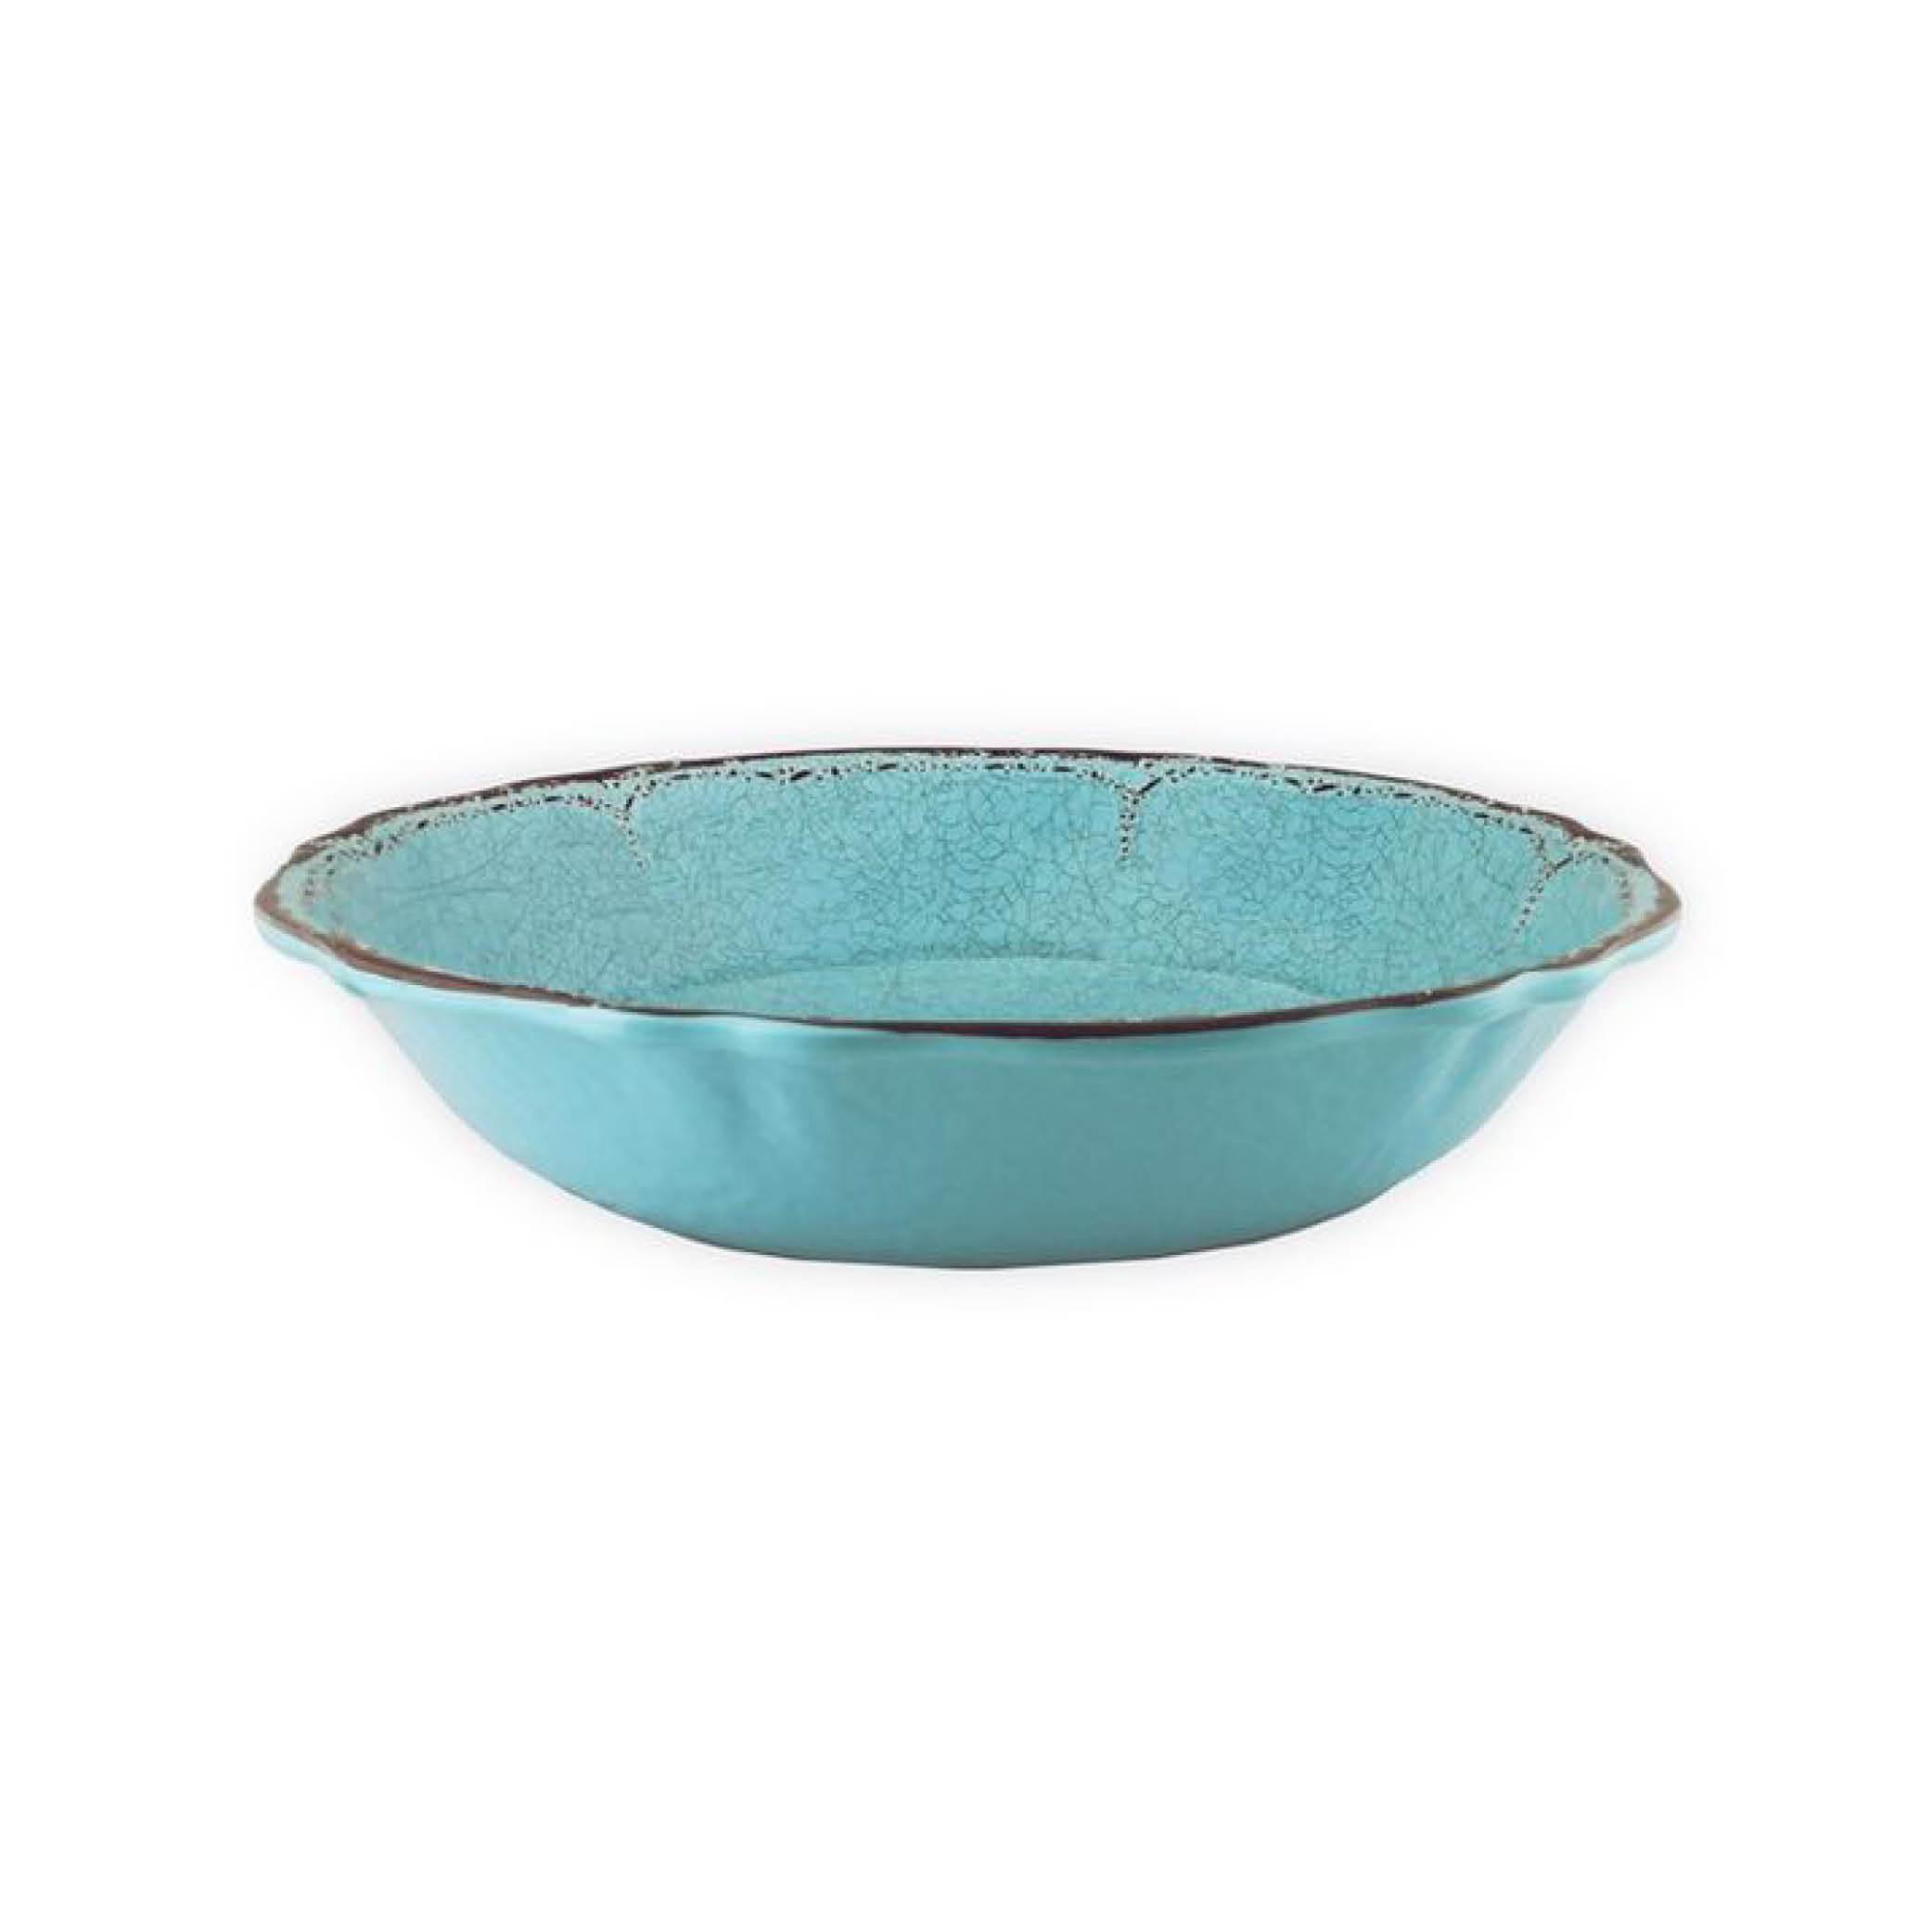 Antiqua Turquoise Pasta Bowl (large) $37.95   Wants 1 Has 1 Needs 0